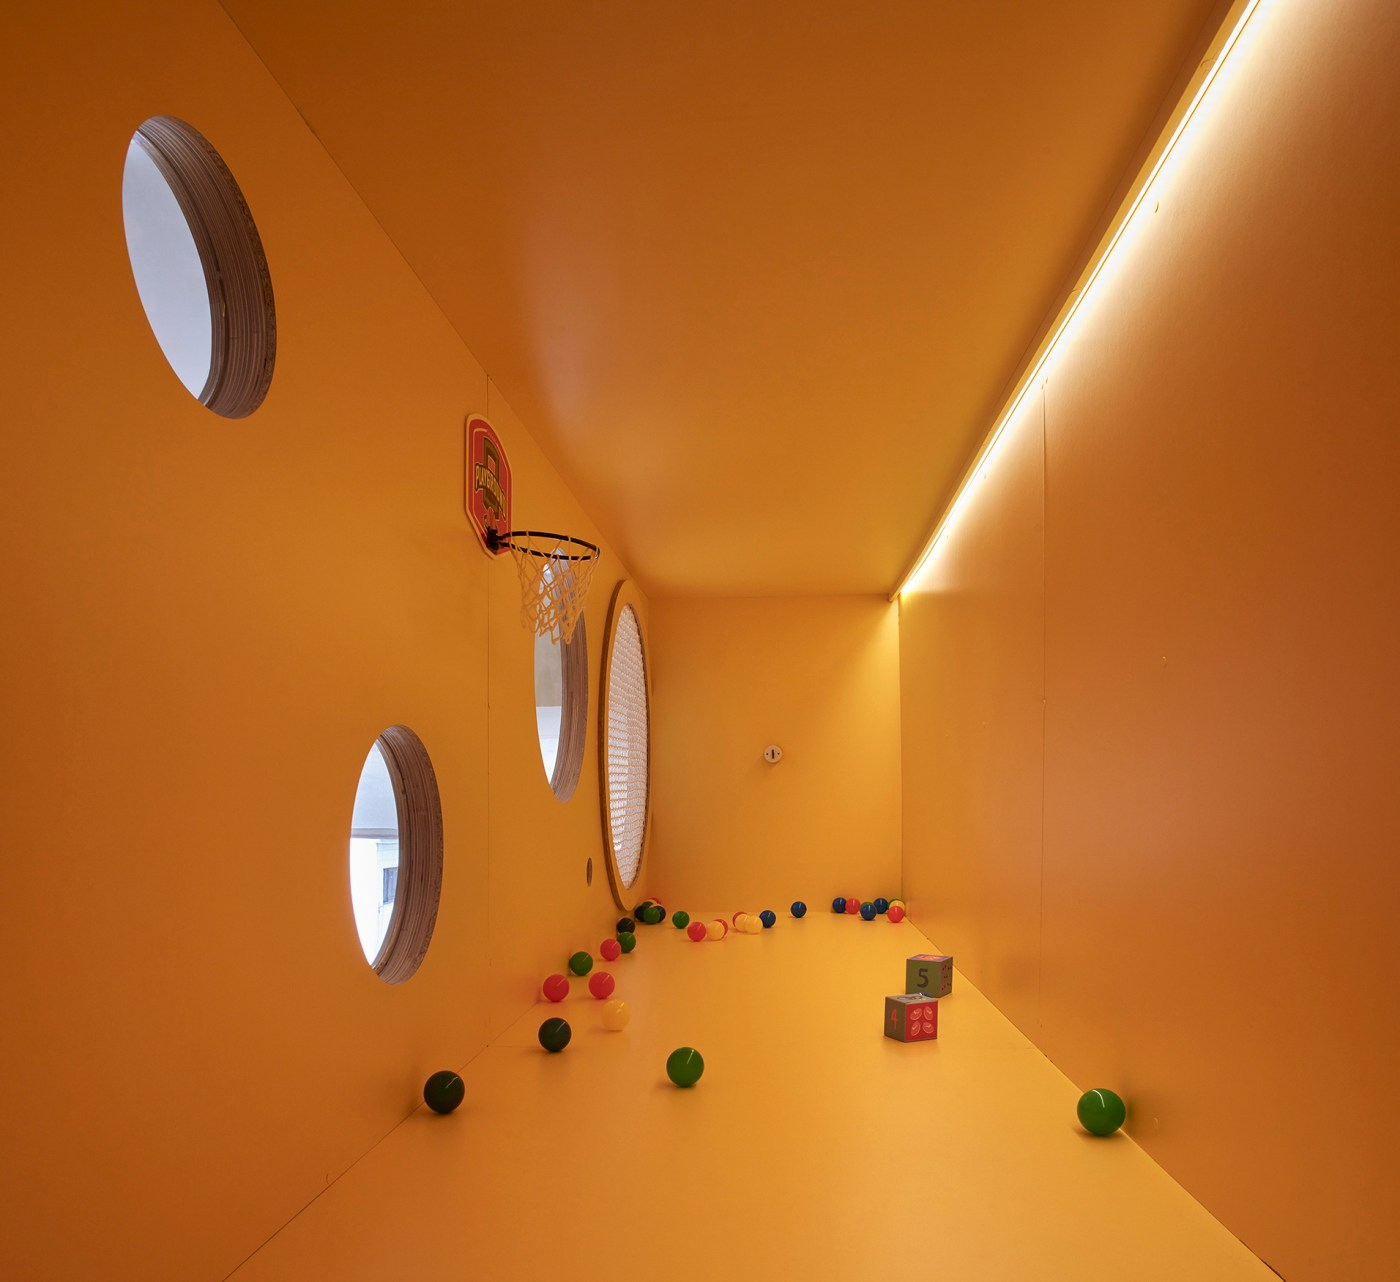 Muebles modernos para habitaciones infantiles. El Juguetero. Estudio ji Arquitectos. Elástica Magazine